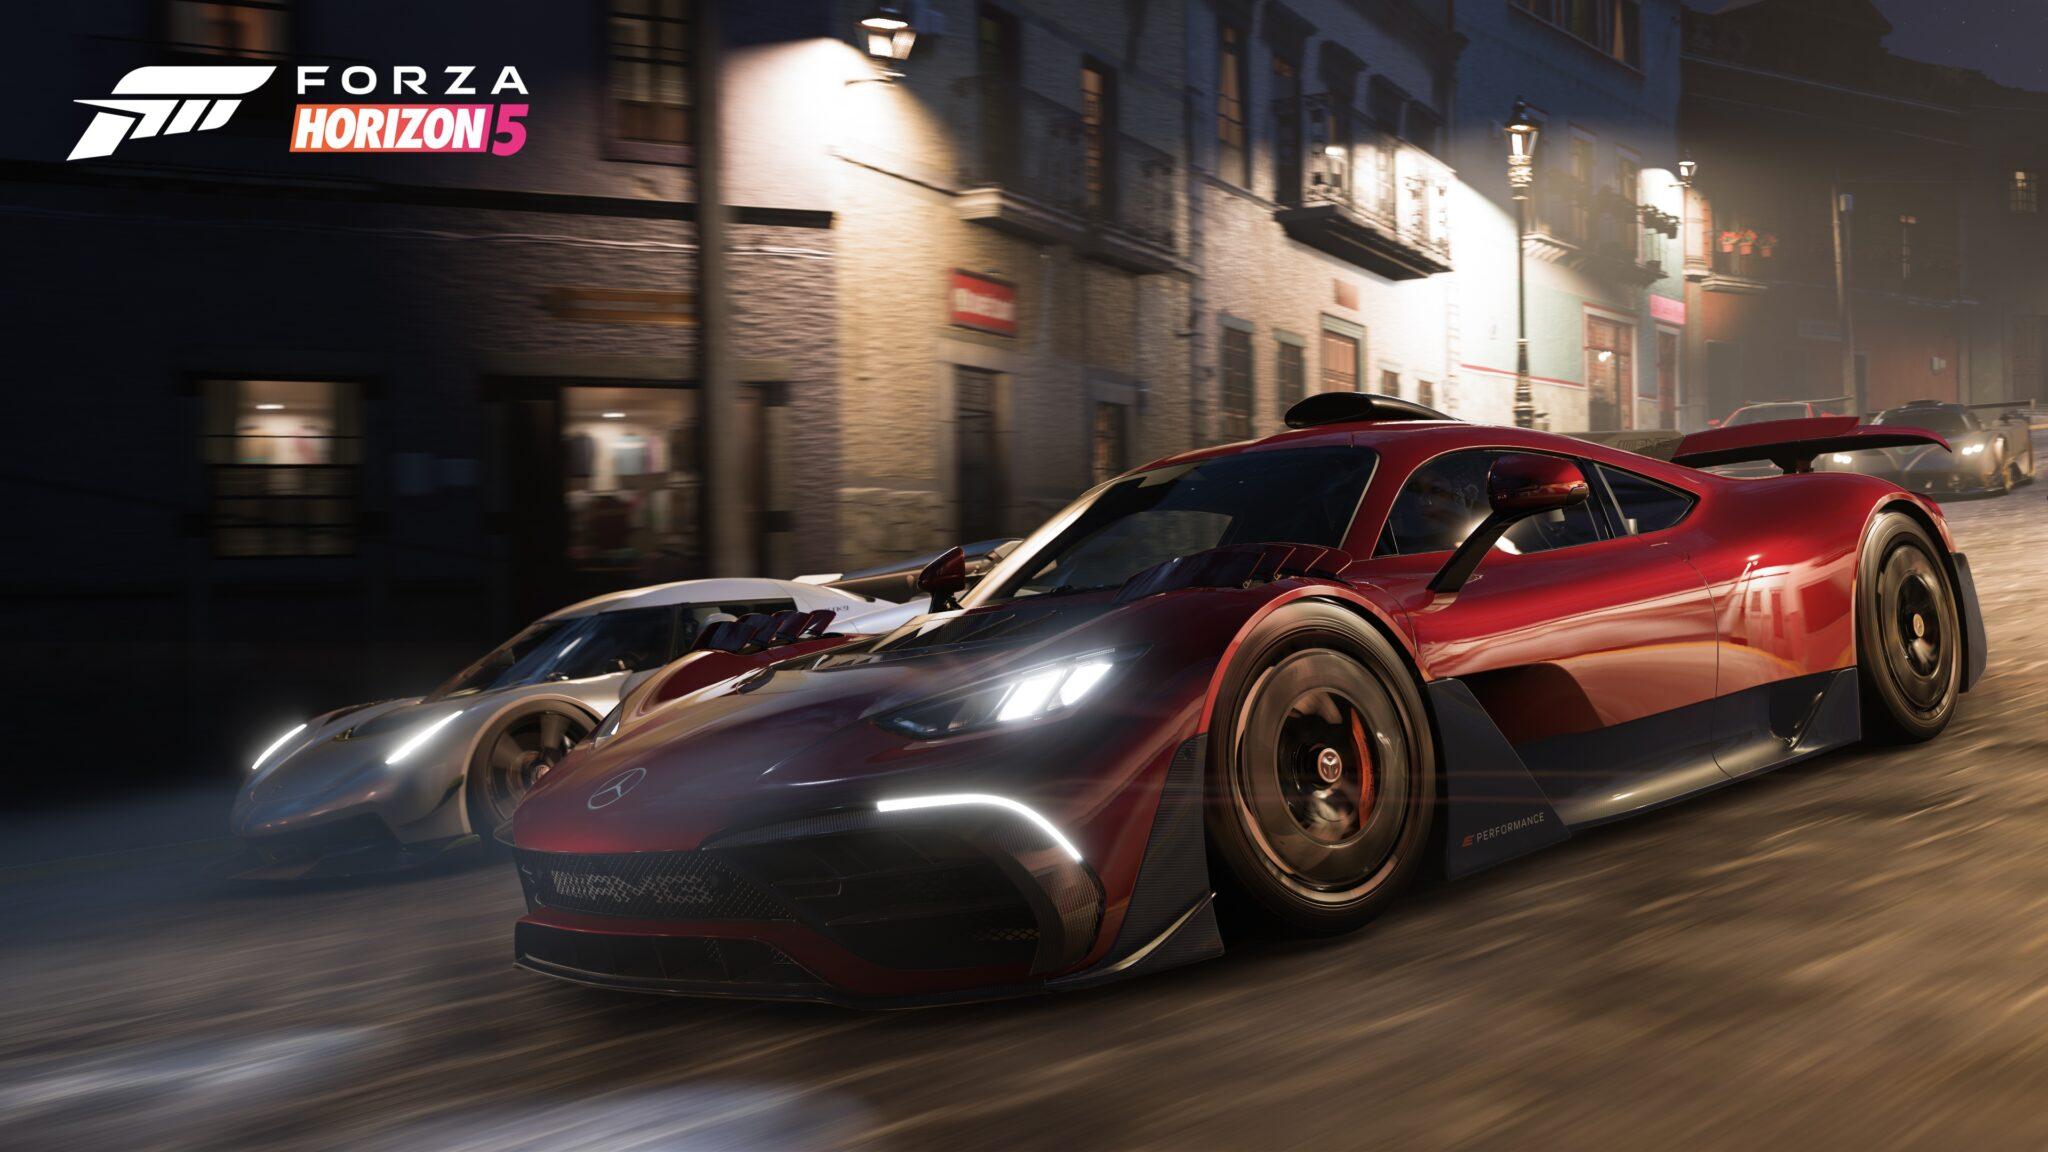 Forza Horizon 5 offre una fantasia di corse classiche, certo - ma non è necessario perseguirla